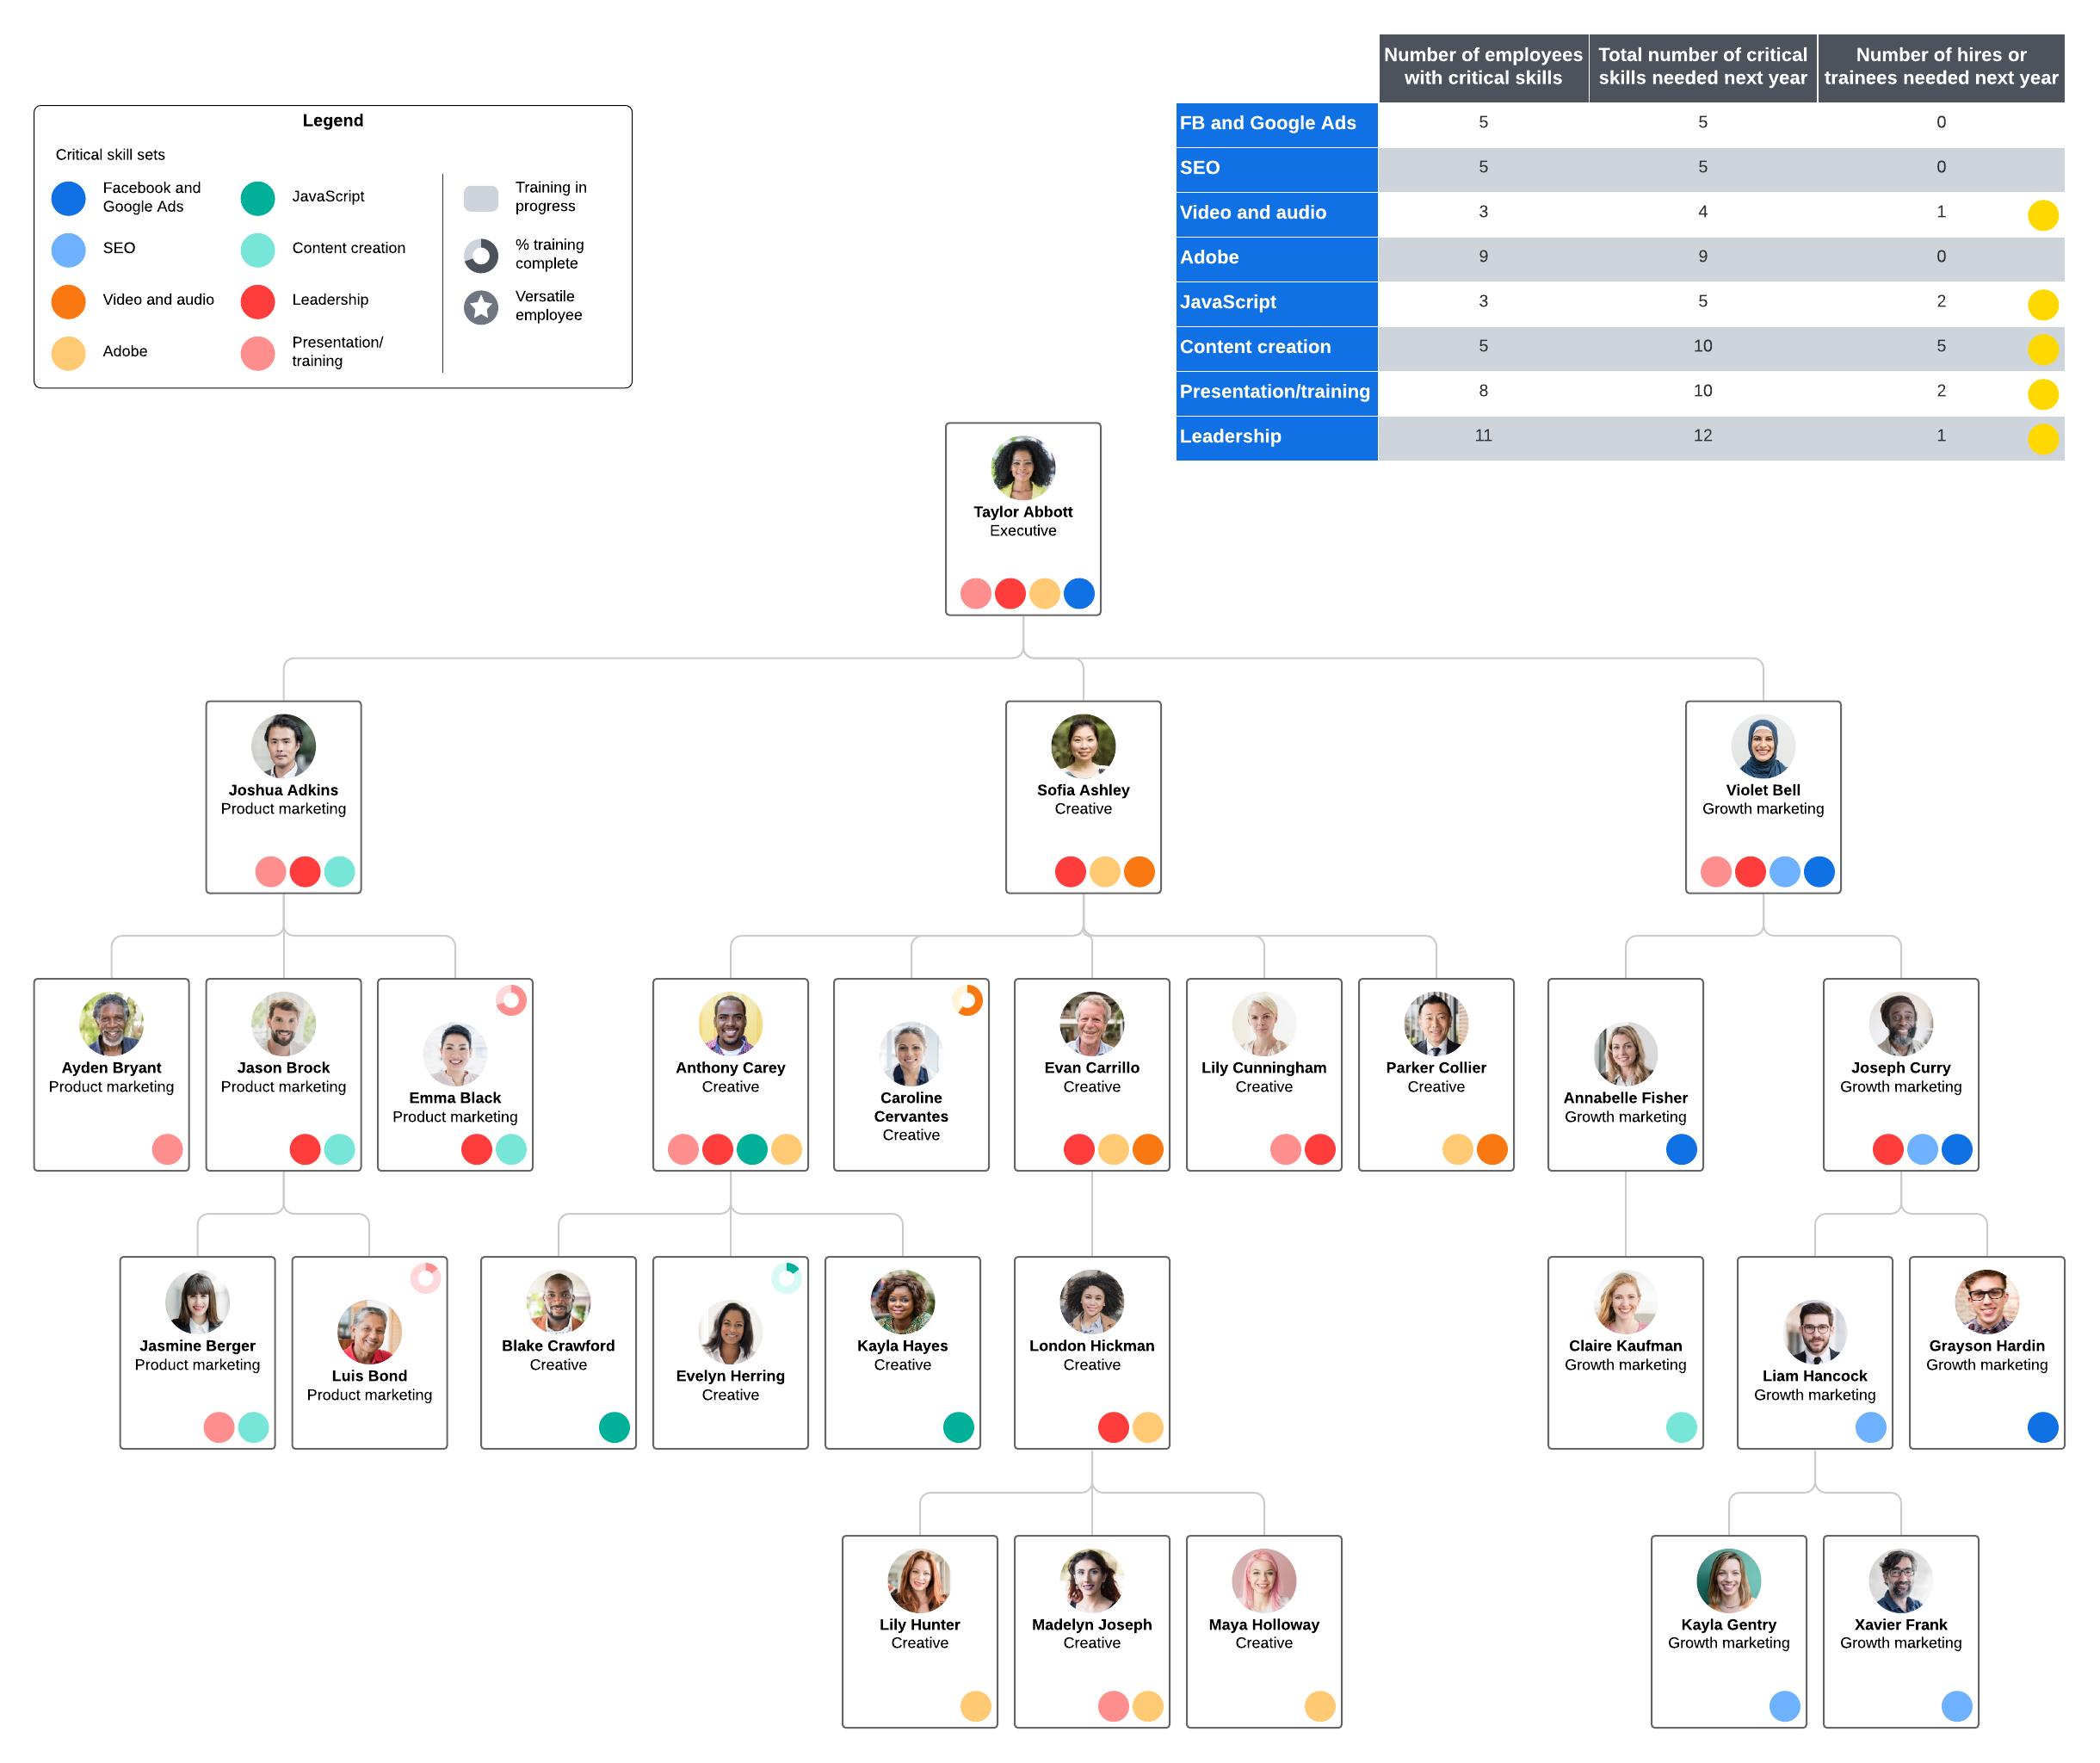 skills gap analysis org chart